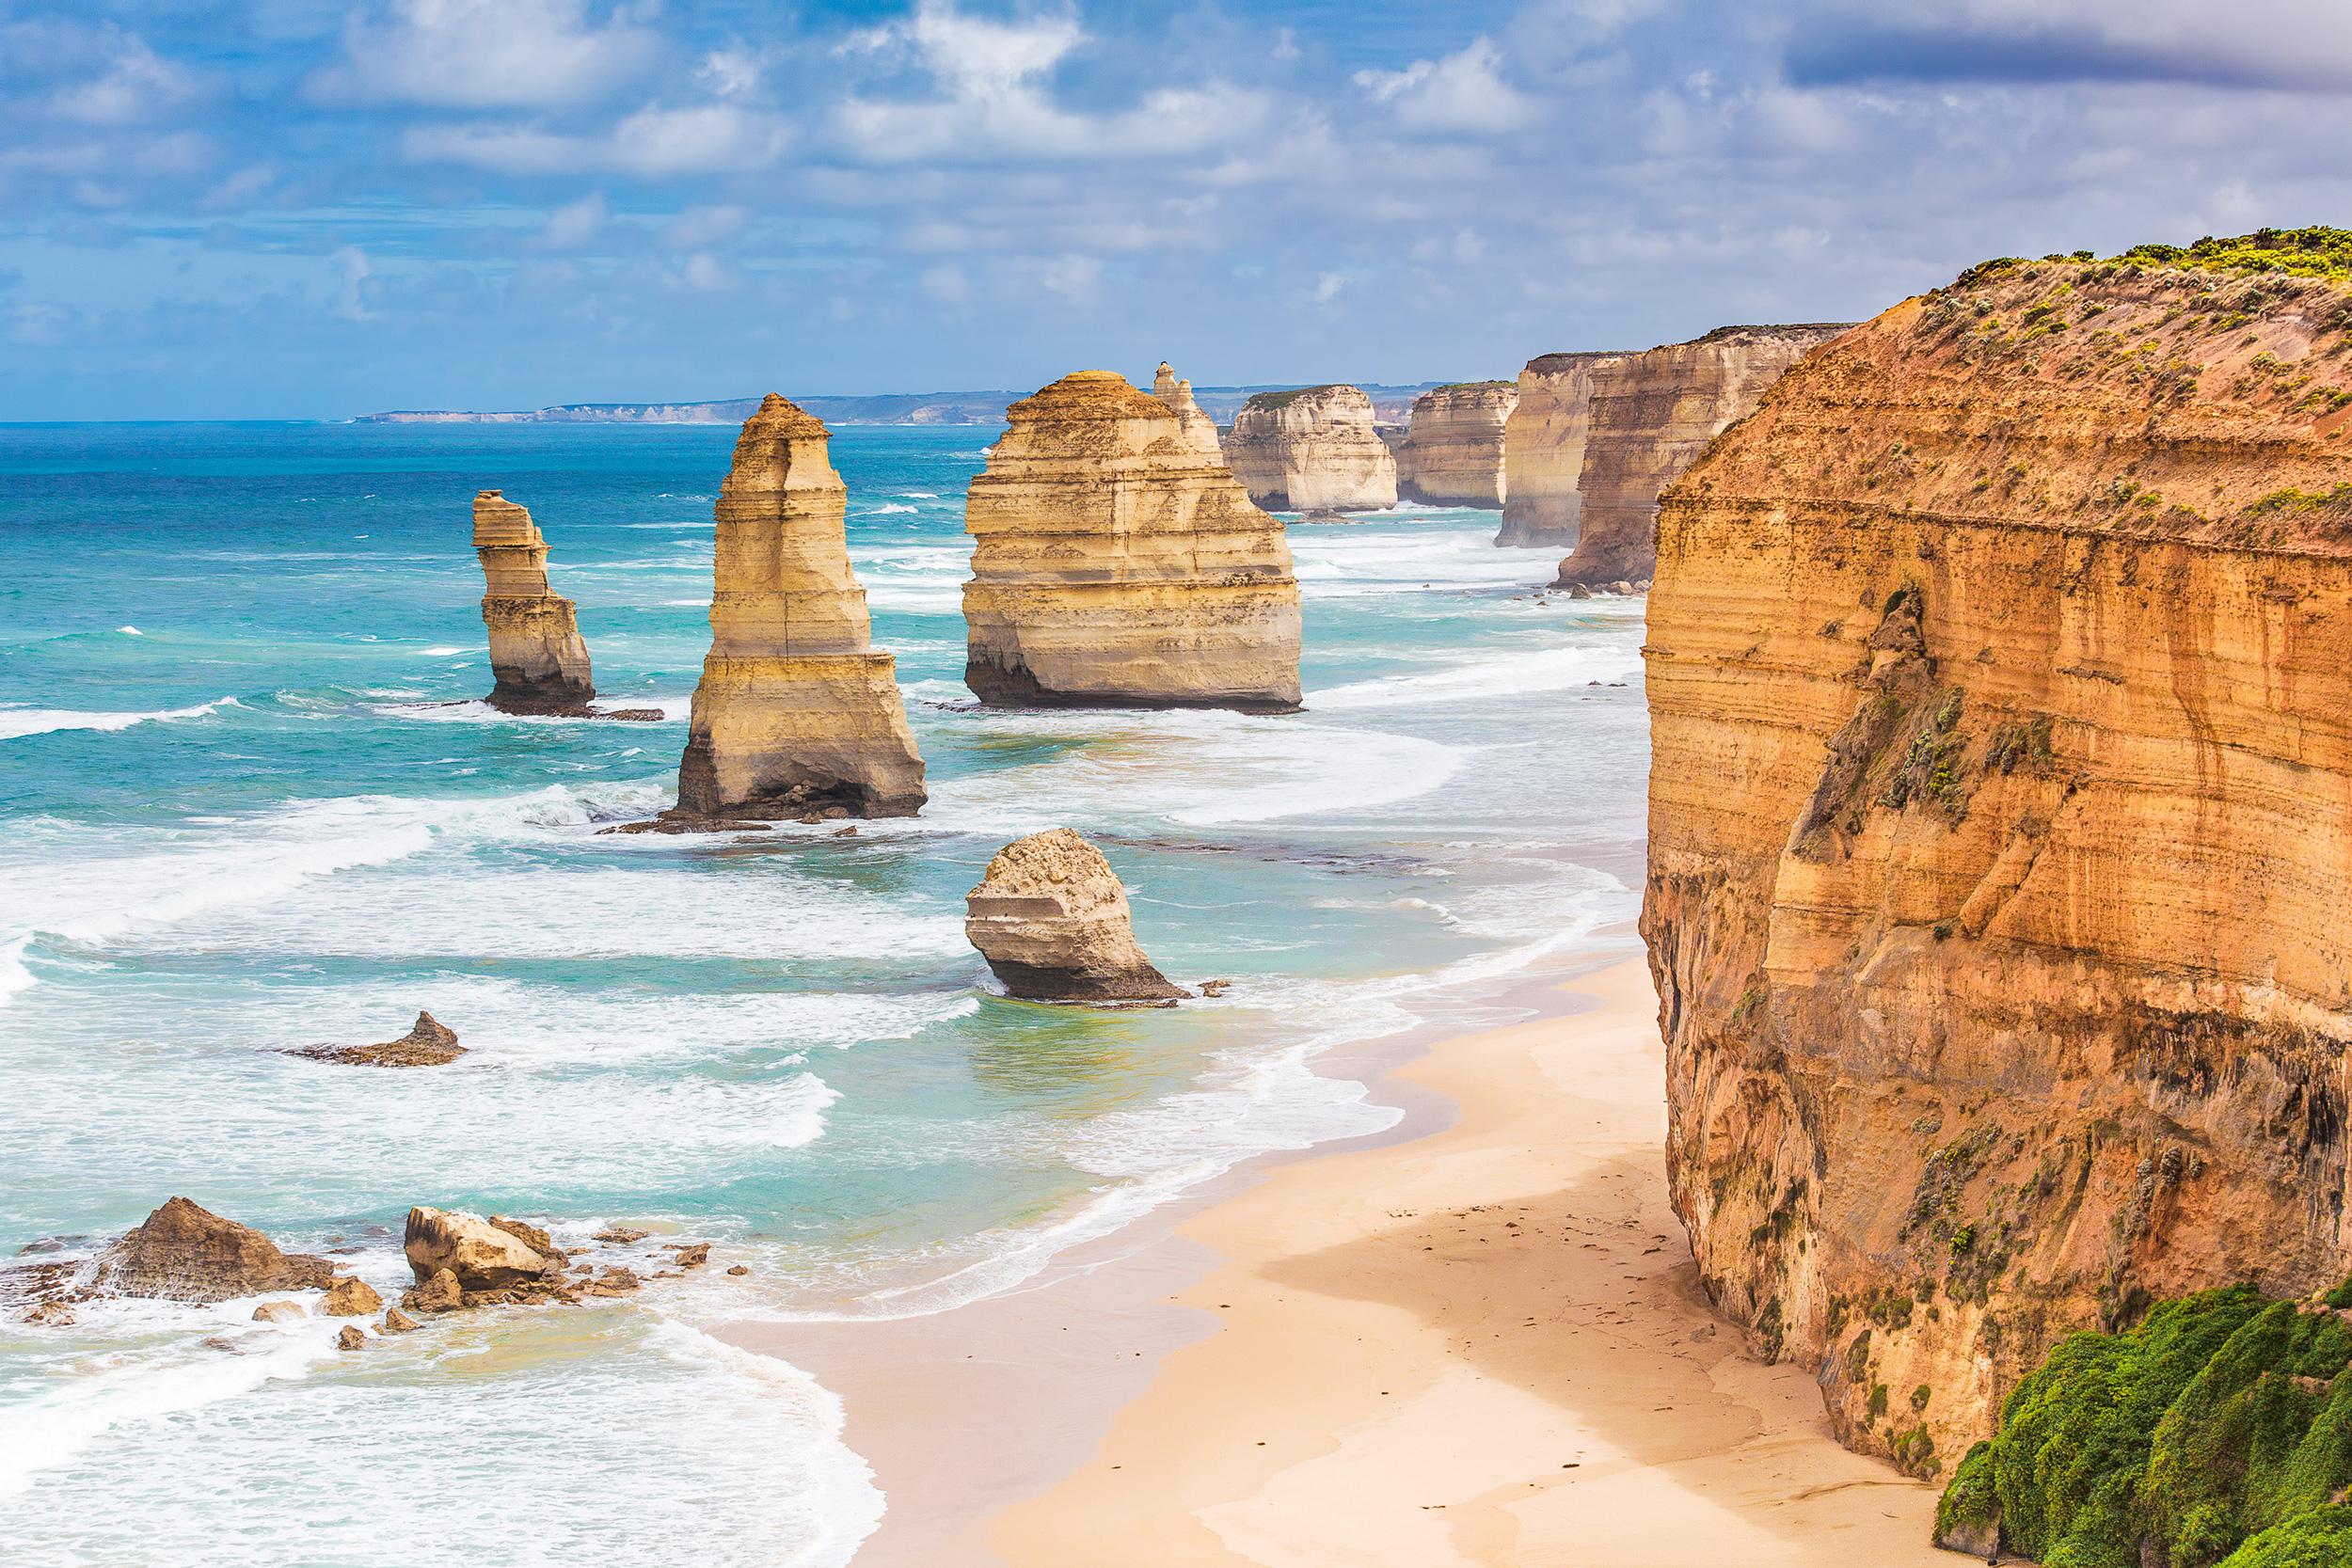 Free branchement sites Australie pas de s'inscrire différence entre se voir et dater